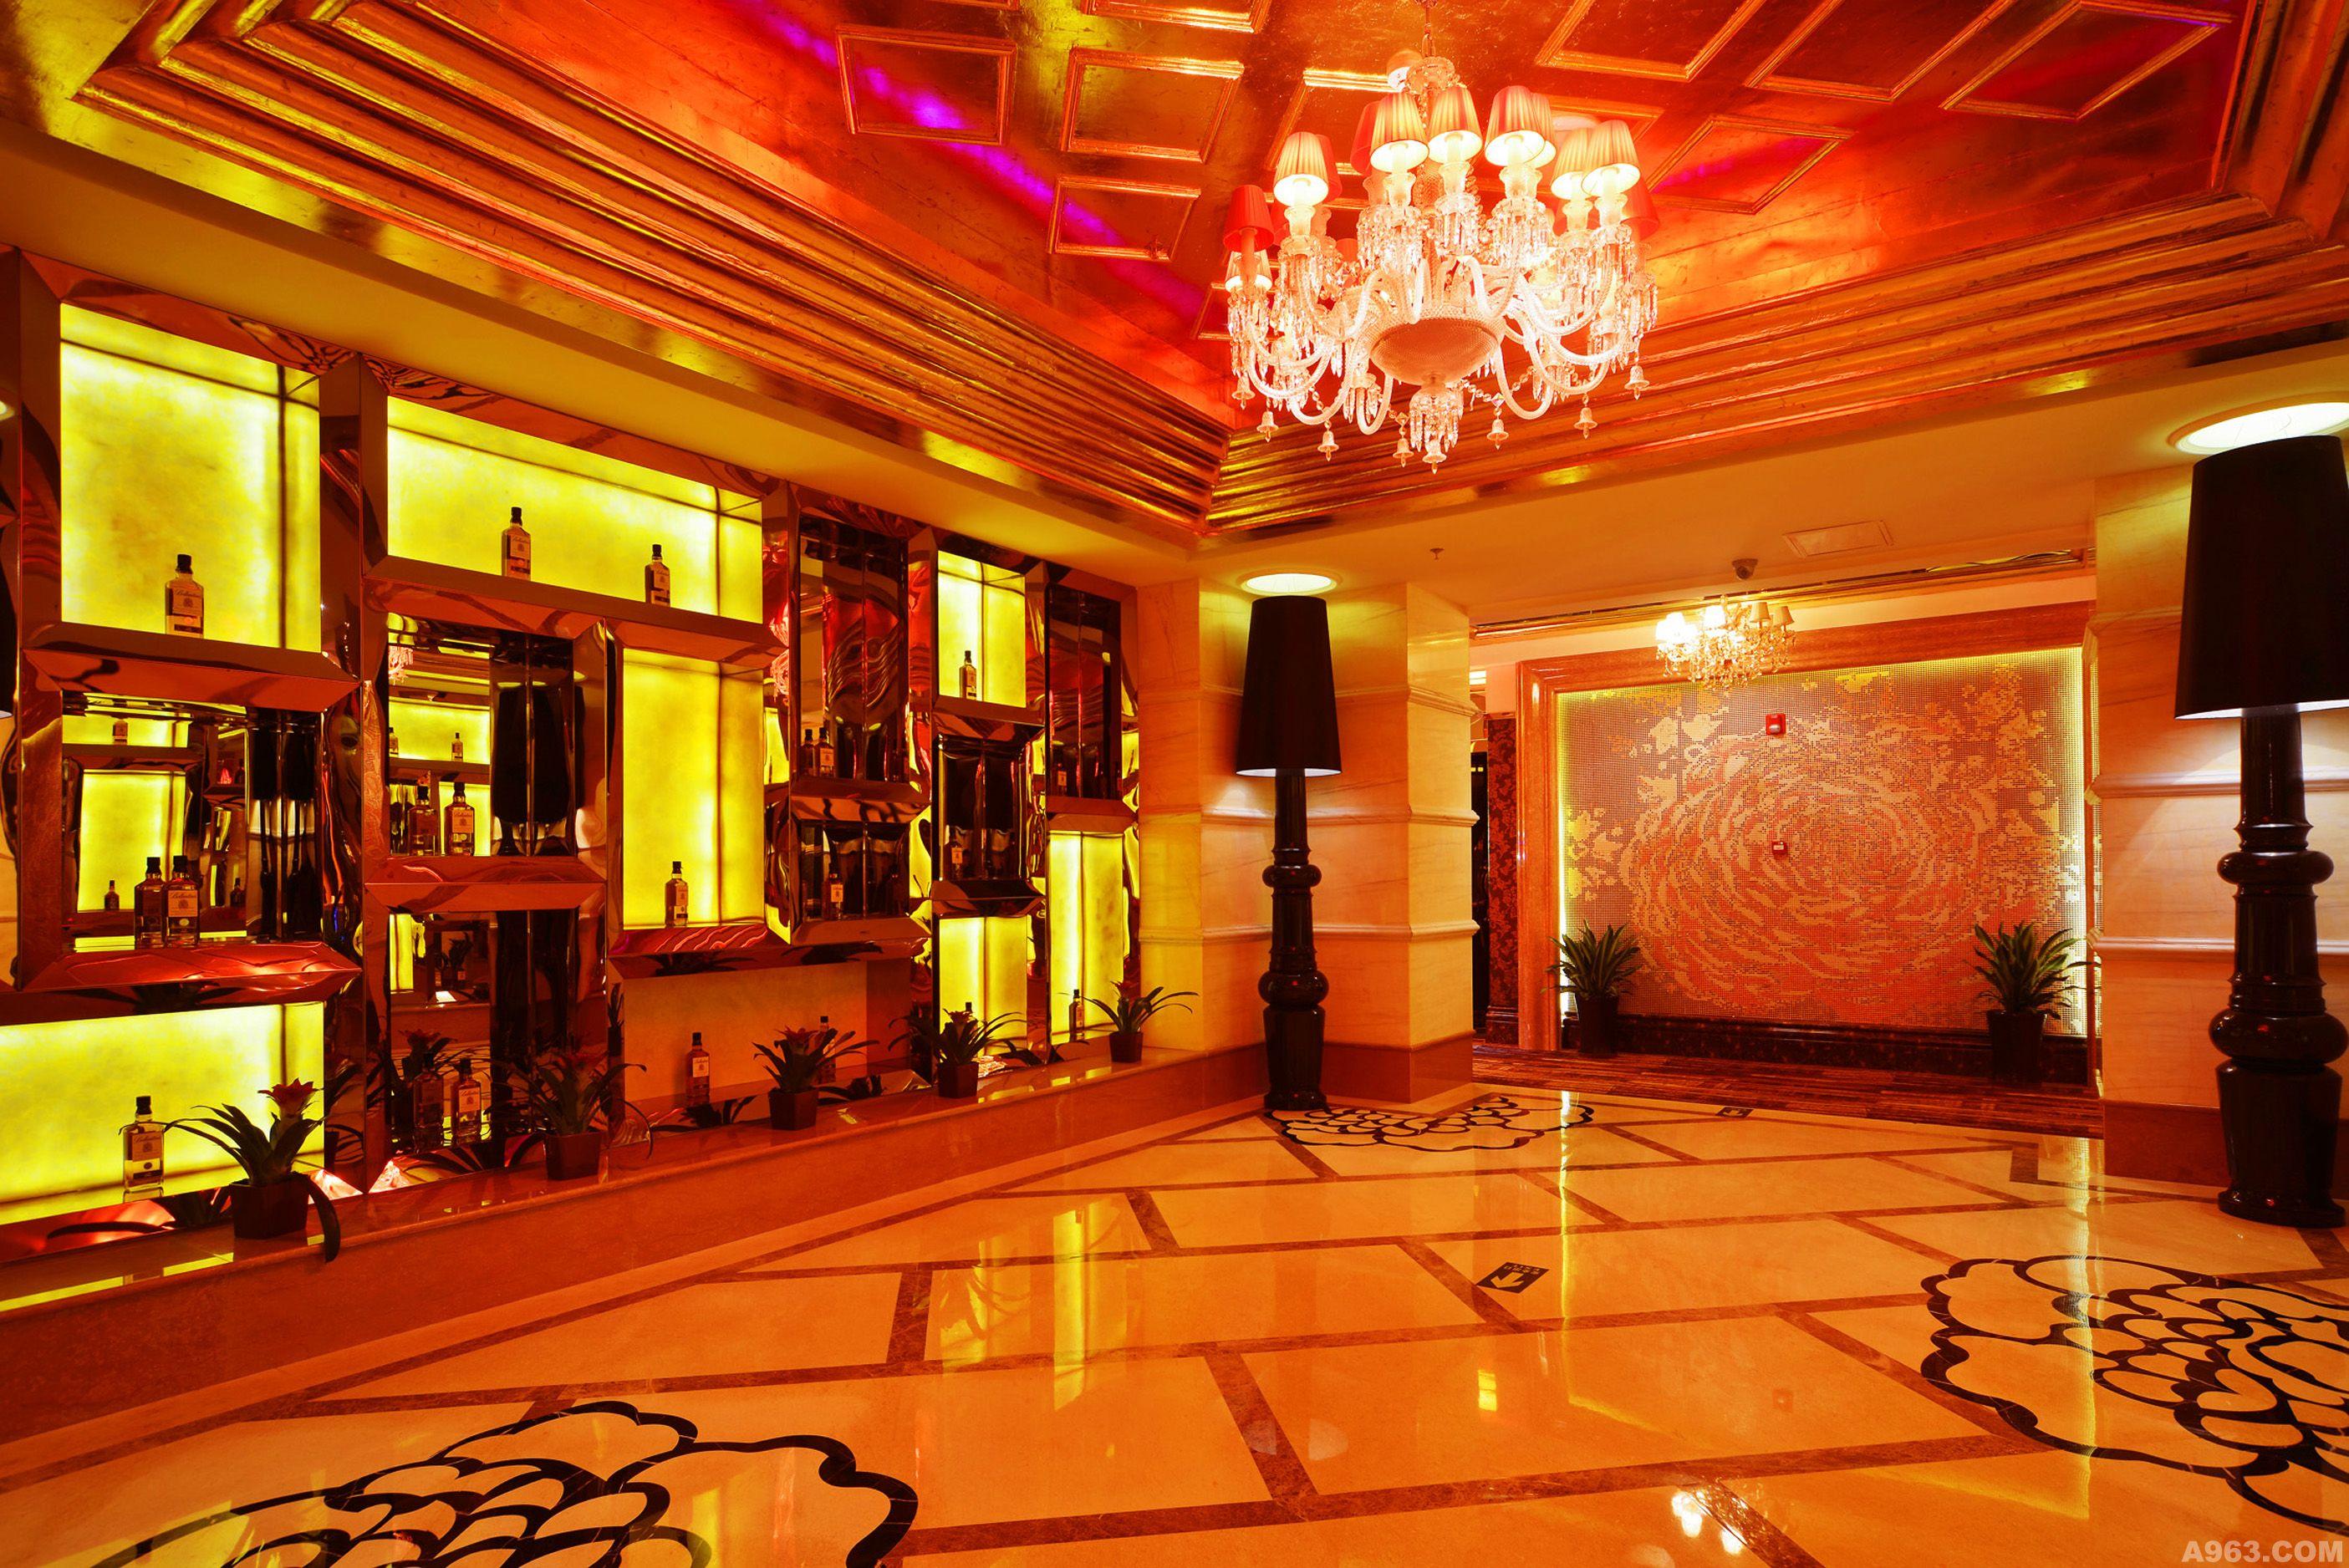 重庆市贵侨汇名仕会所位于重庆市南岸区贵侨酒店,该项目定位为集接待